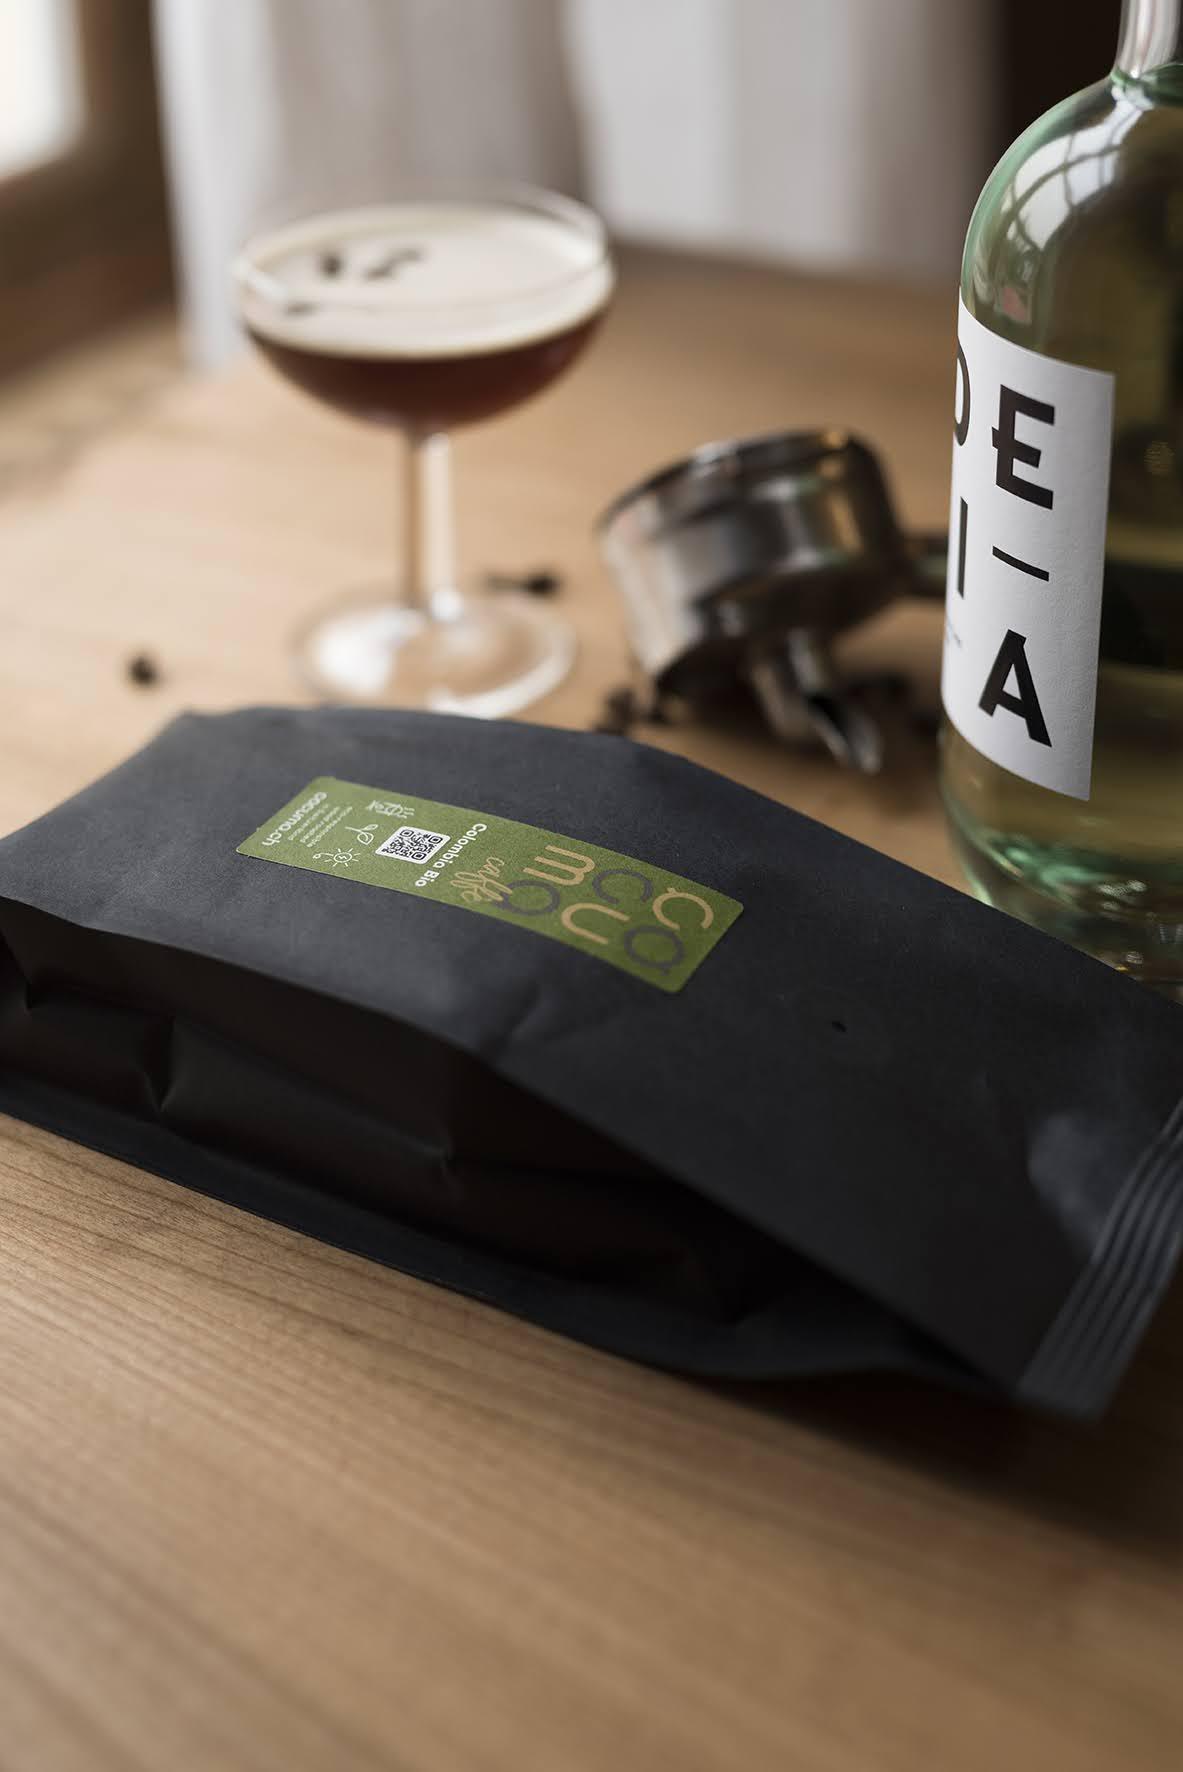 ocuma caffe Colombia Bio